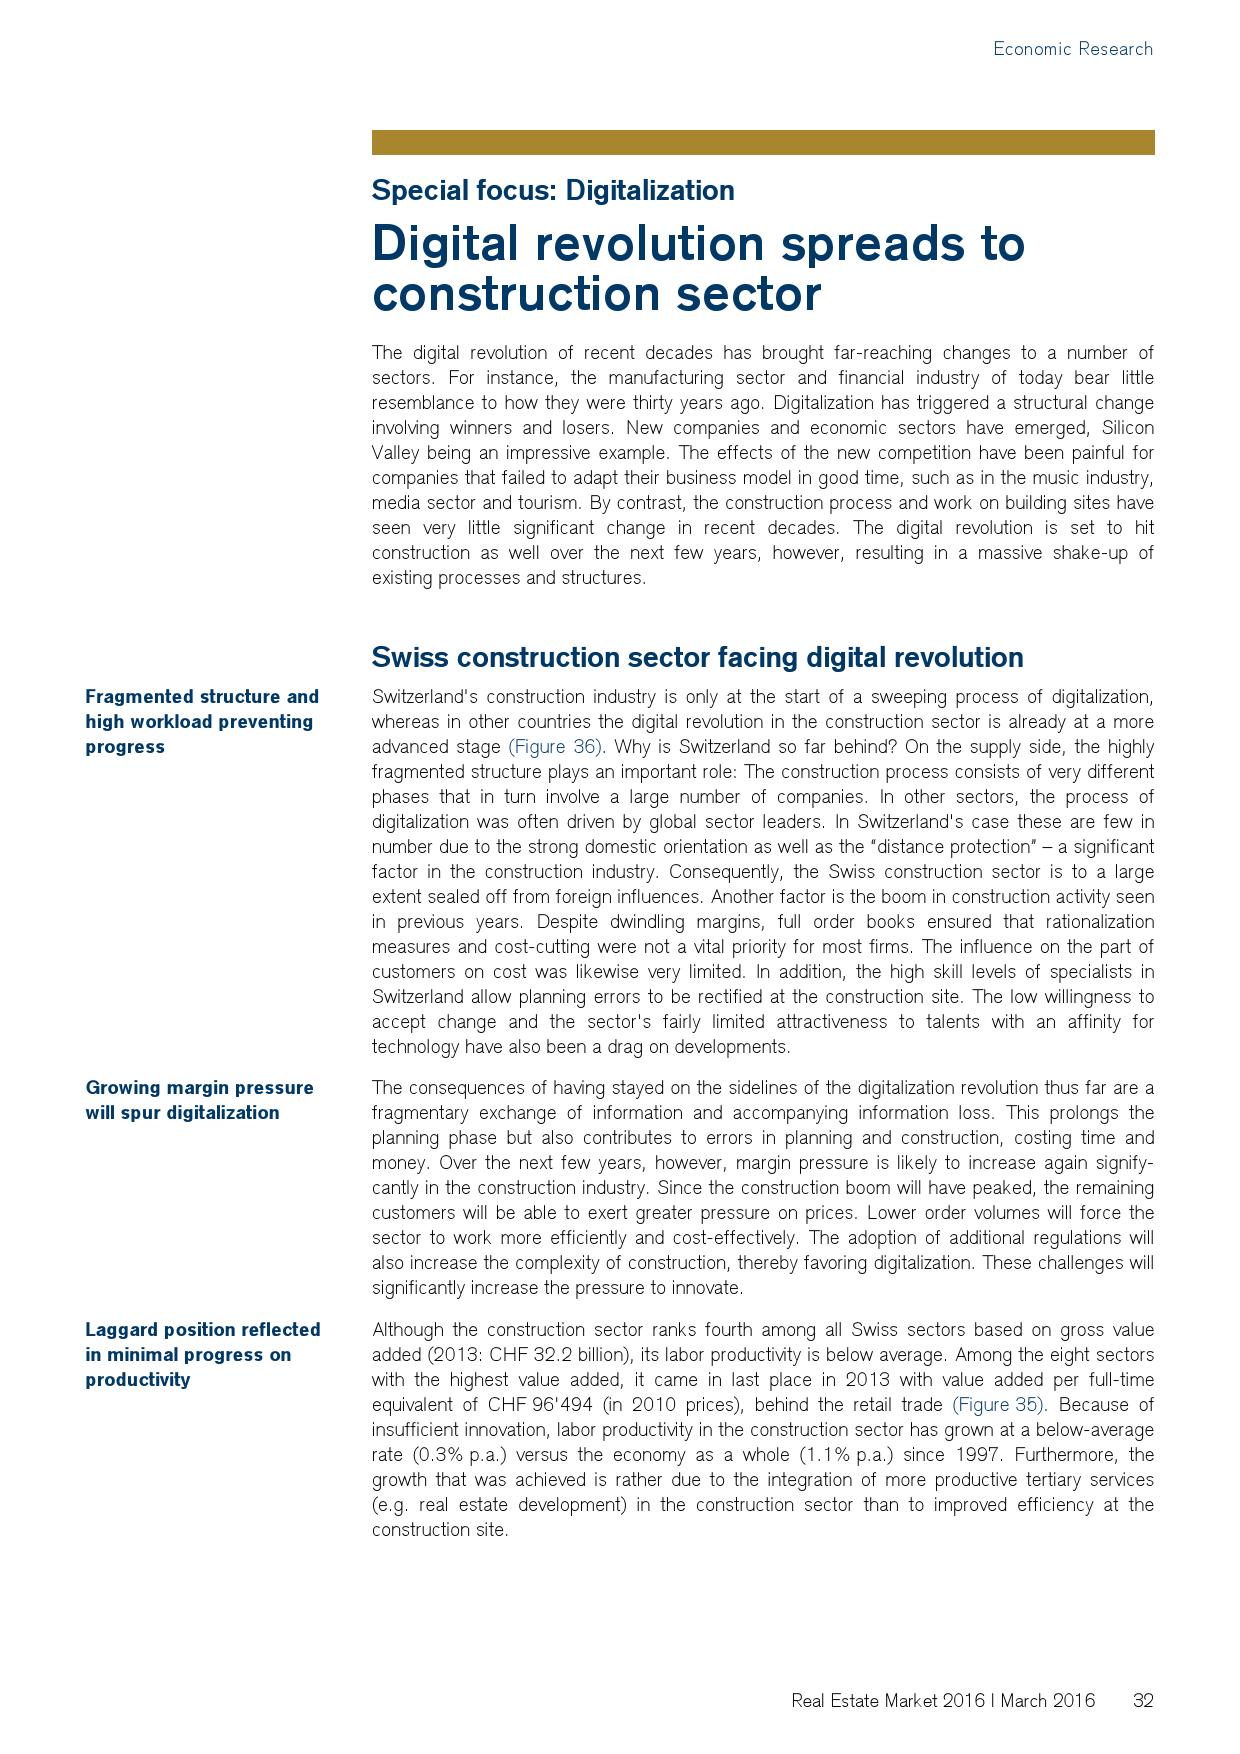 2016年瑞士房地产市场研究报告_000032